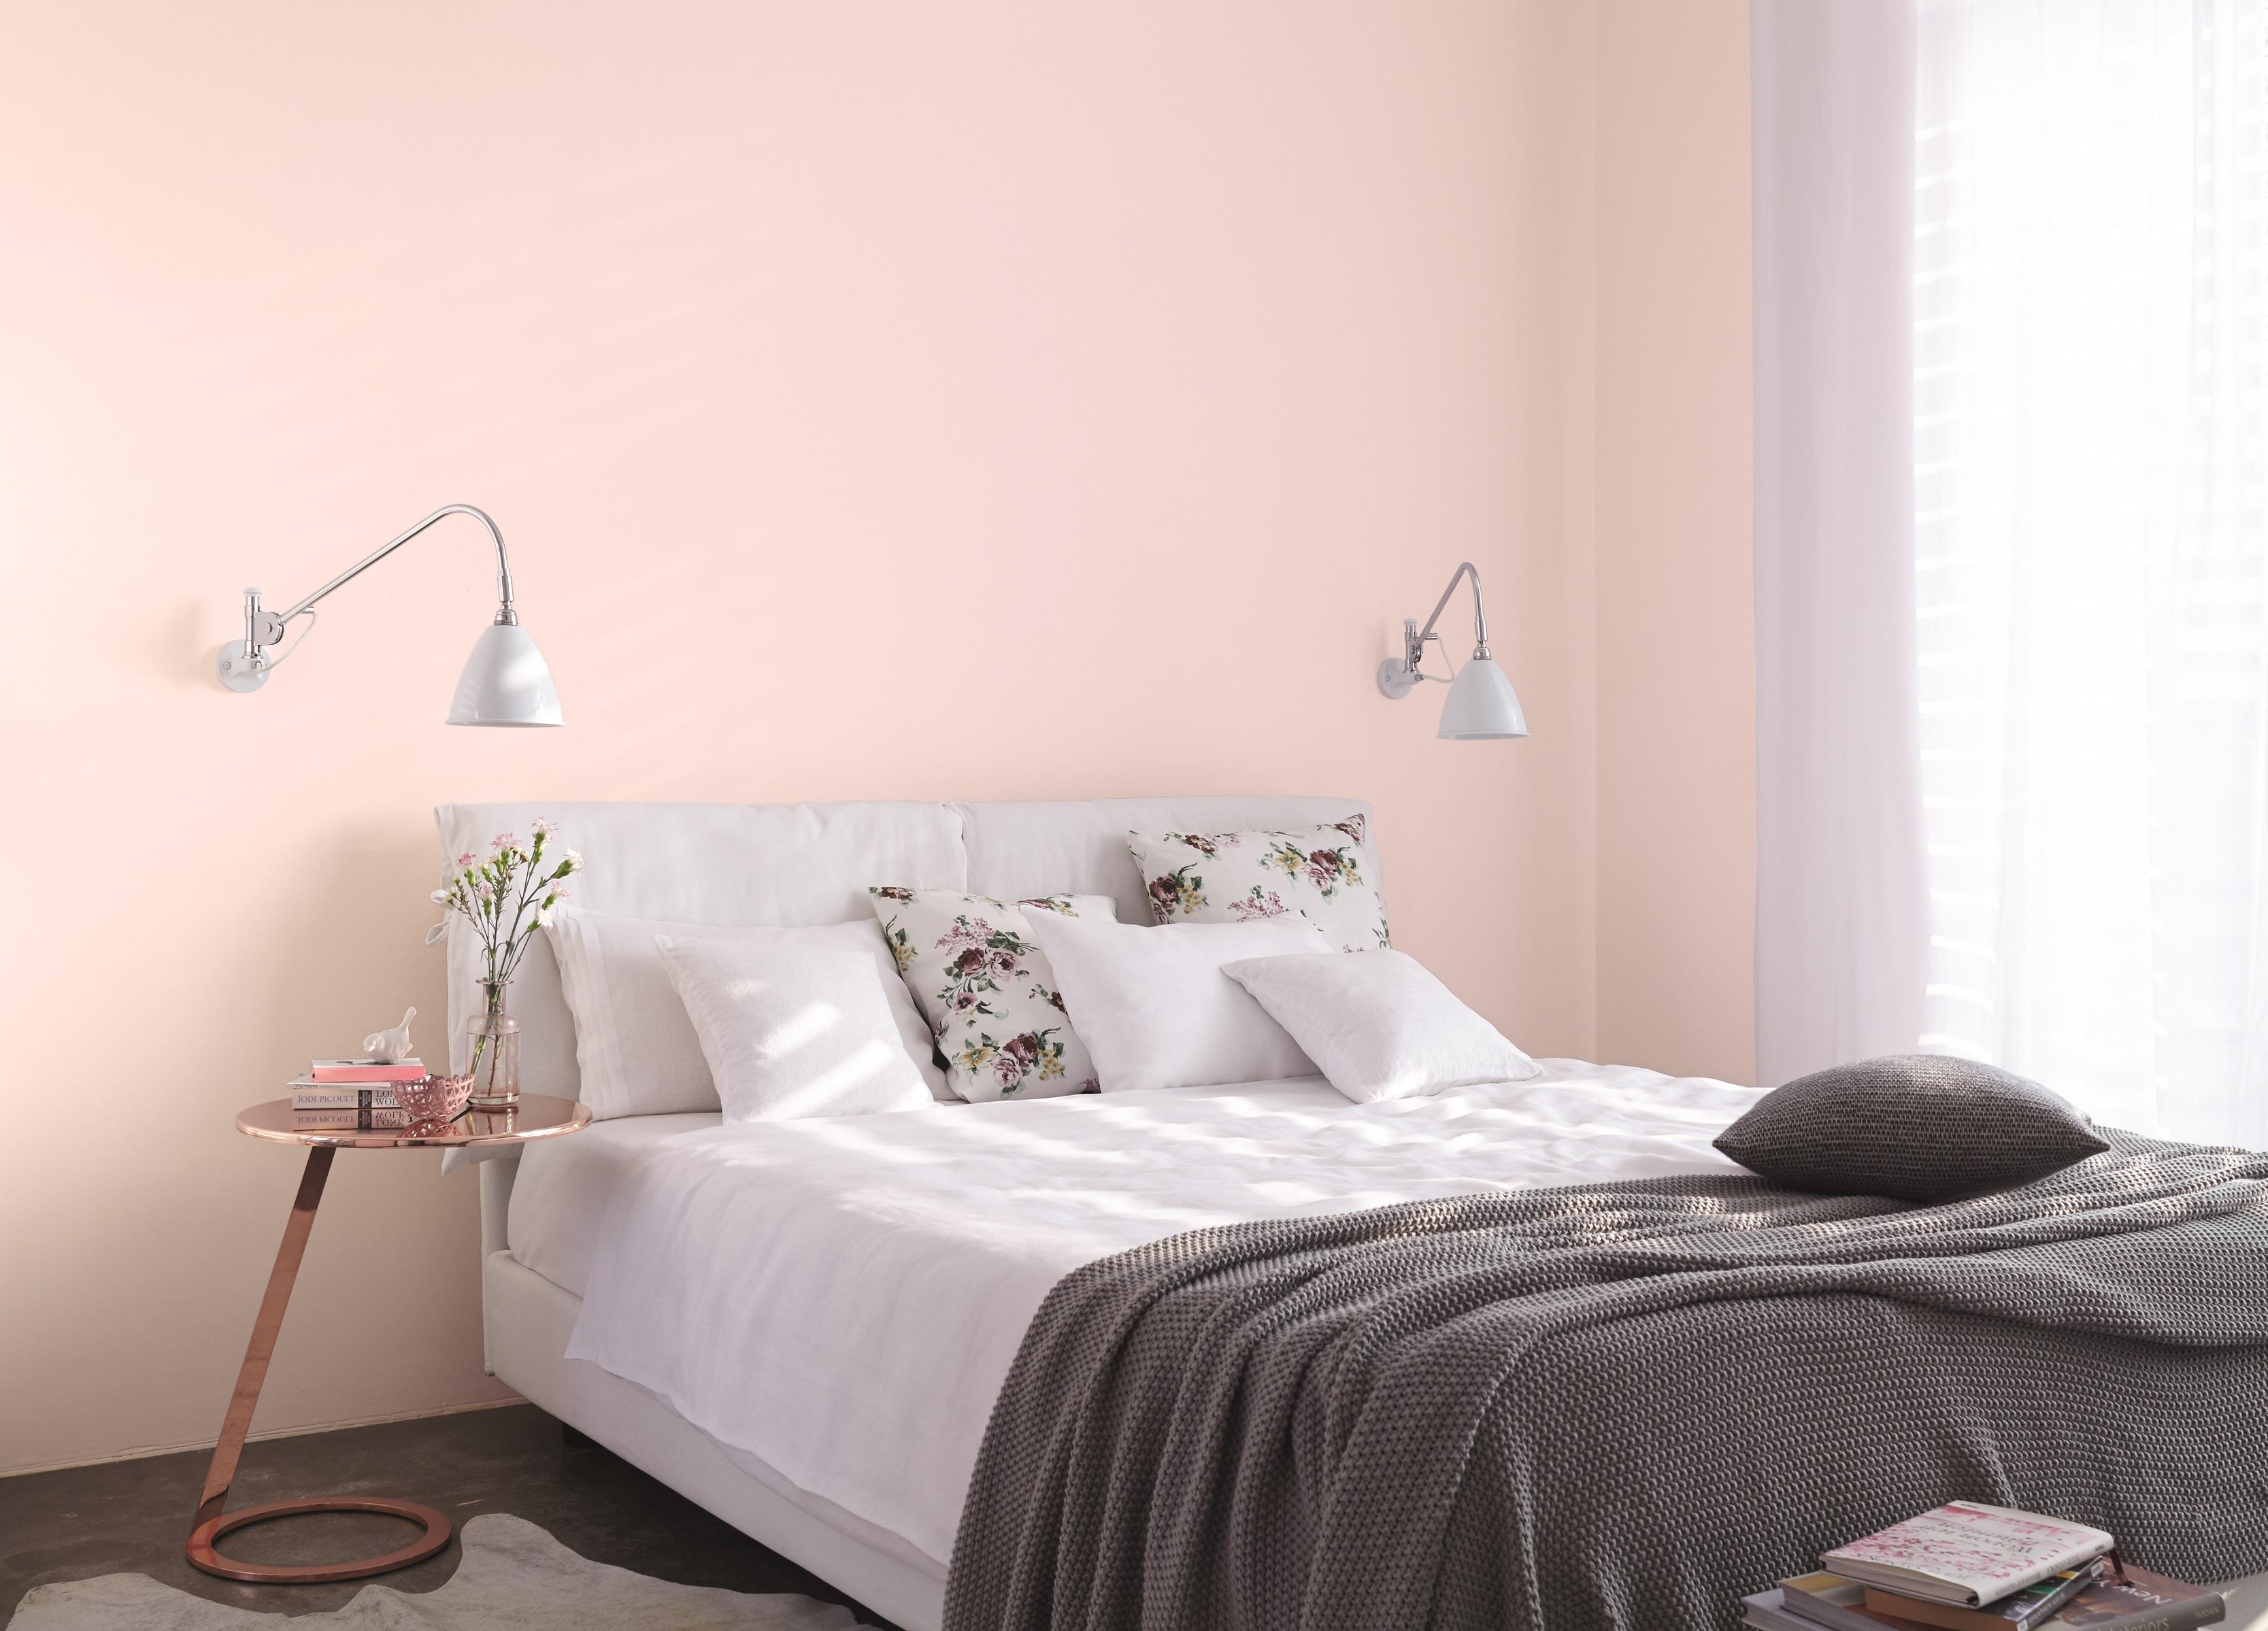 Ideen f r die gestaltung vom schlafzimmer alpina farbe einrichten - Wandfarbe schlafzimmer beruhigend ...